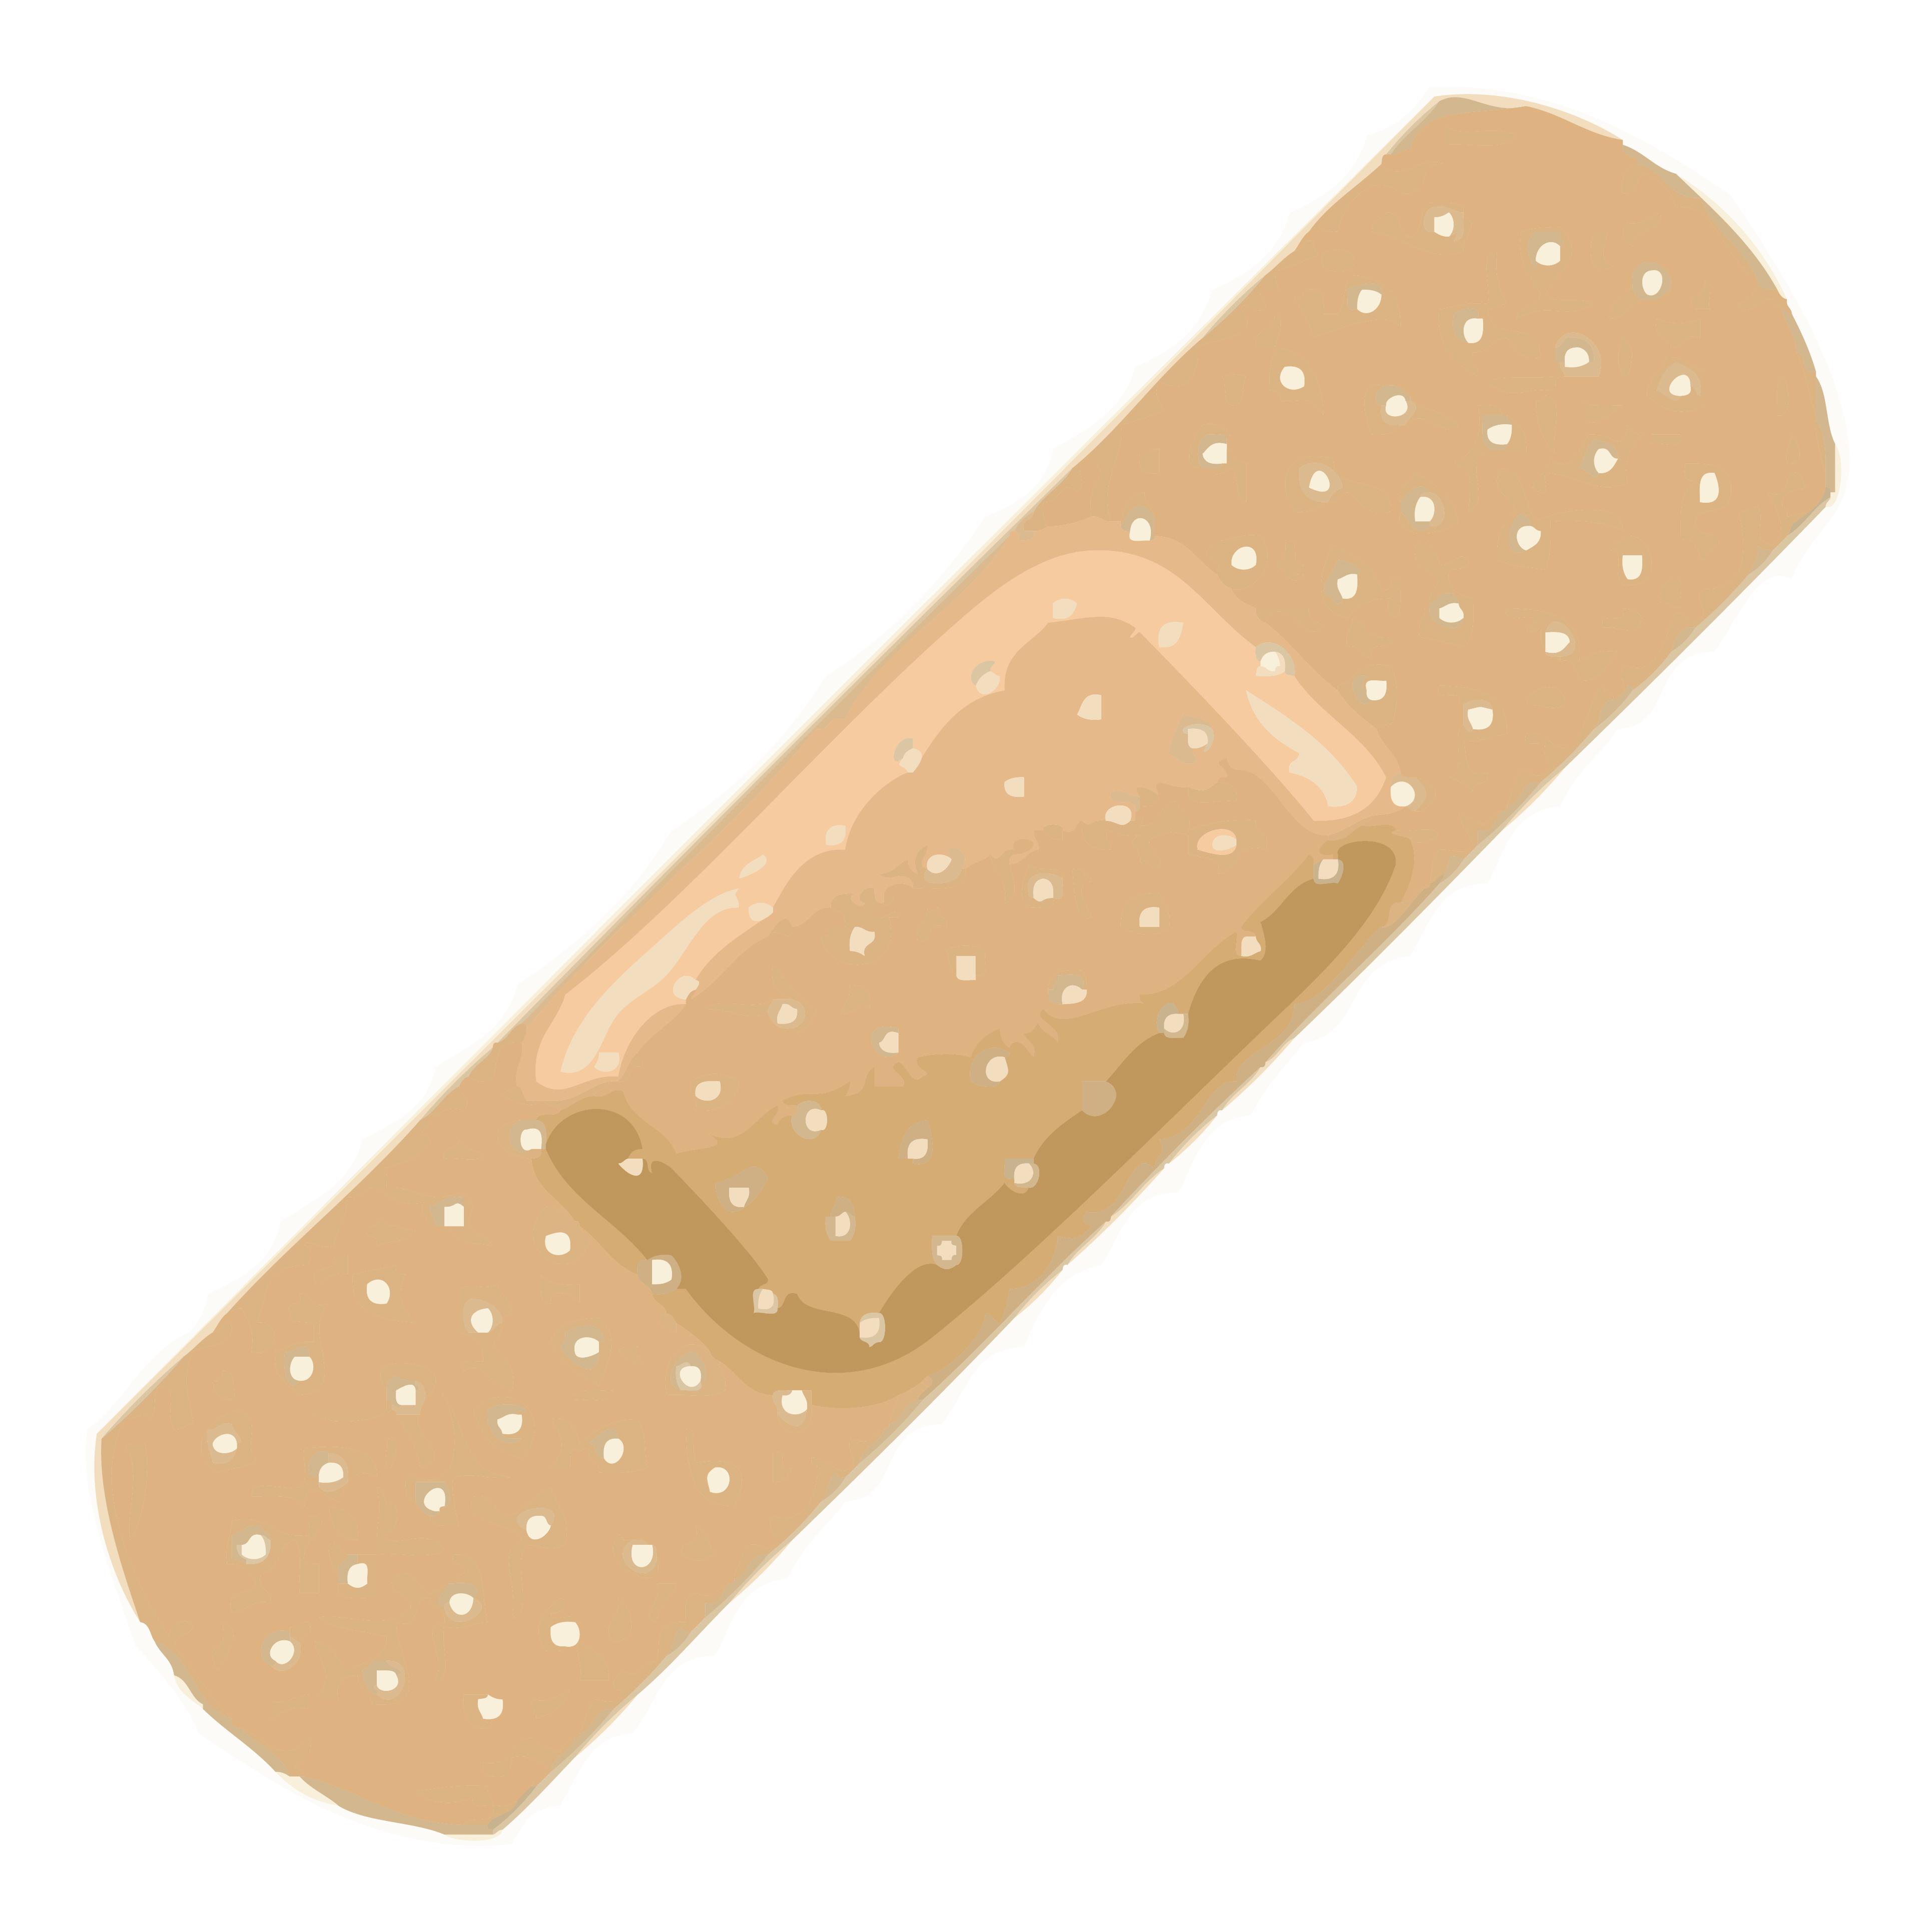 Bandaid clip art band aid